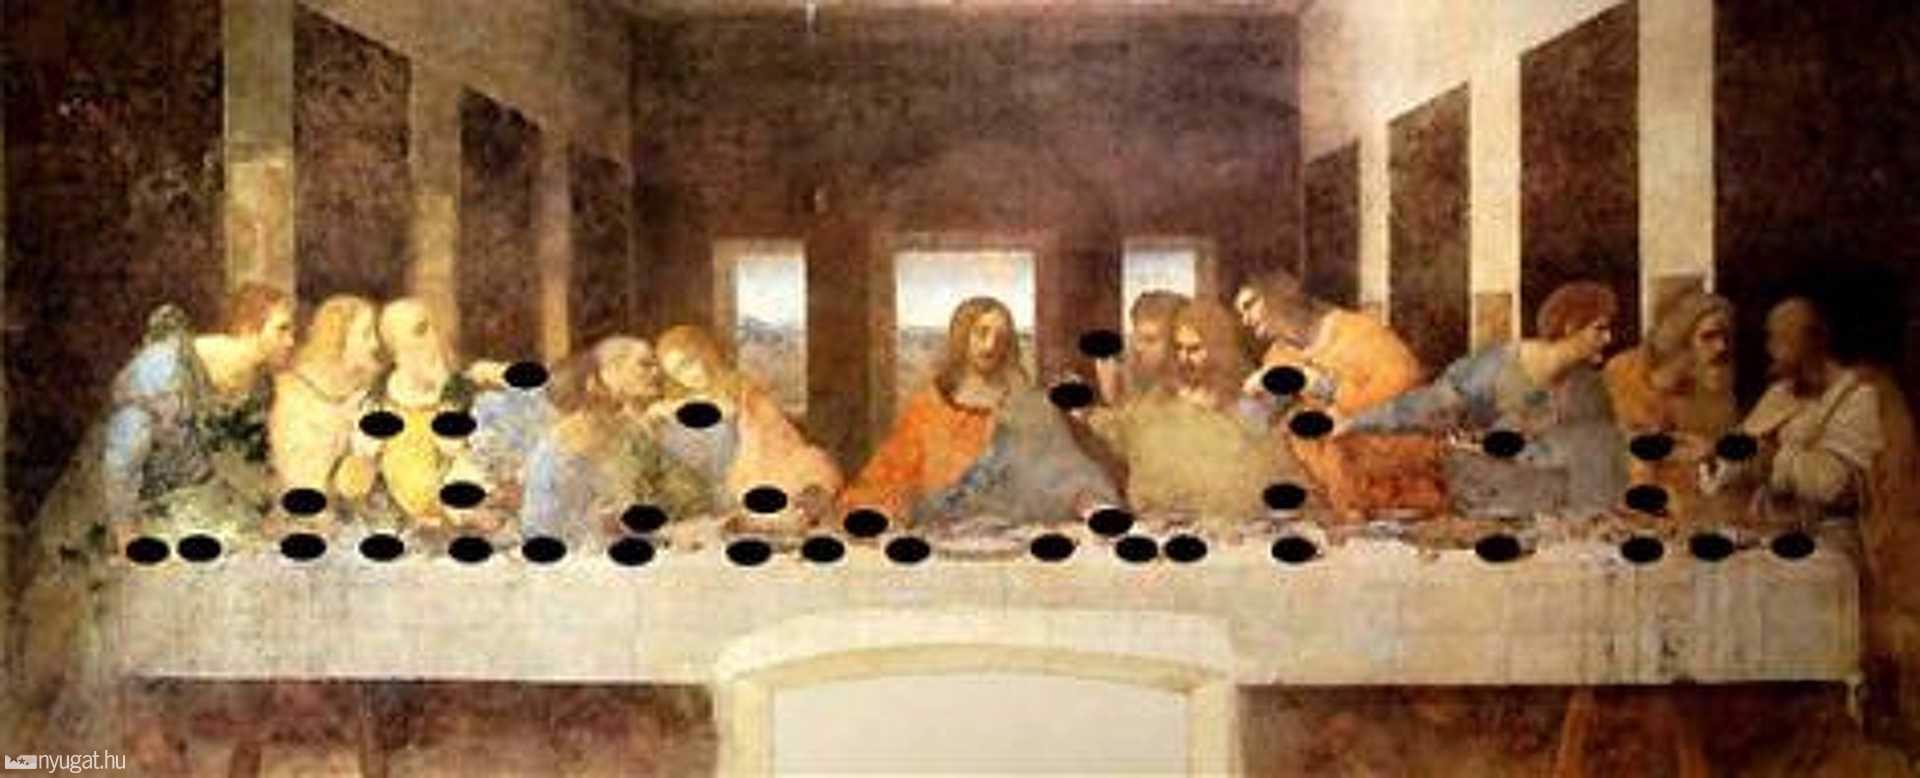 âm nhạc trong bức tranh sơn dầu